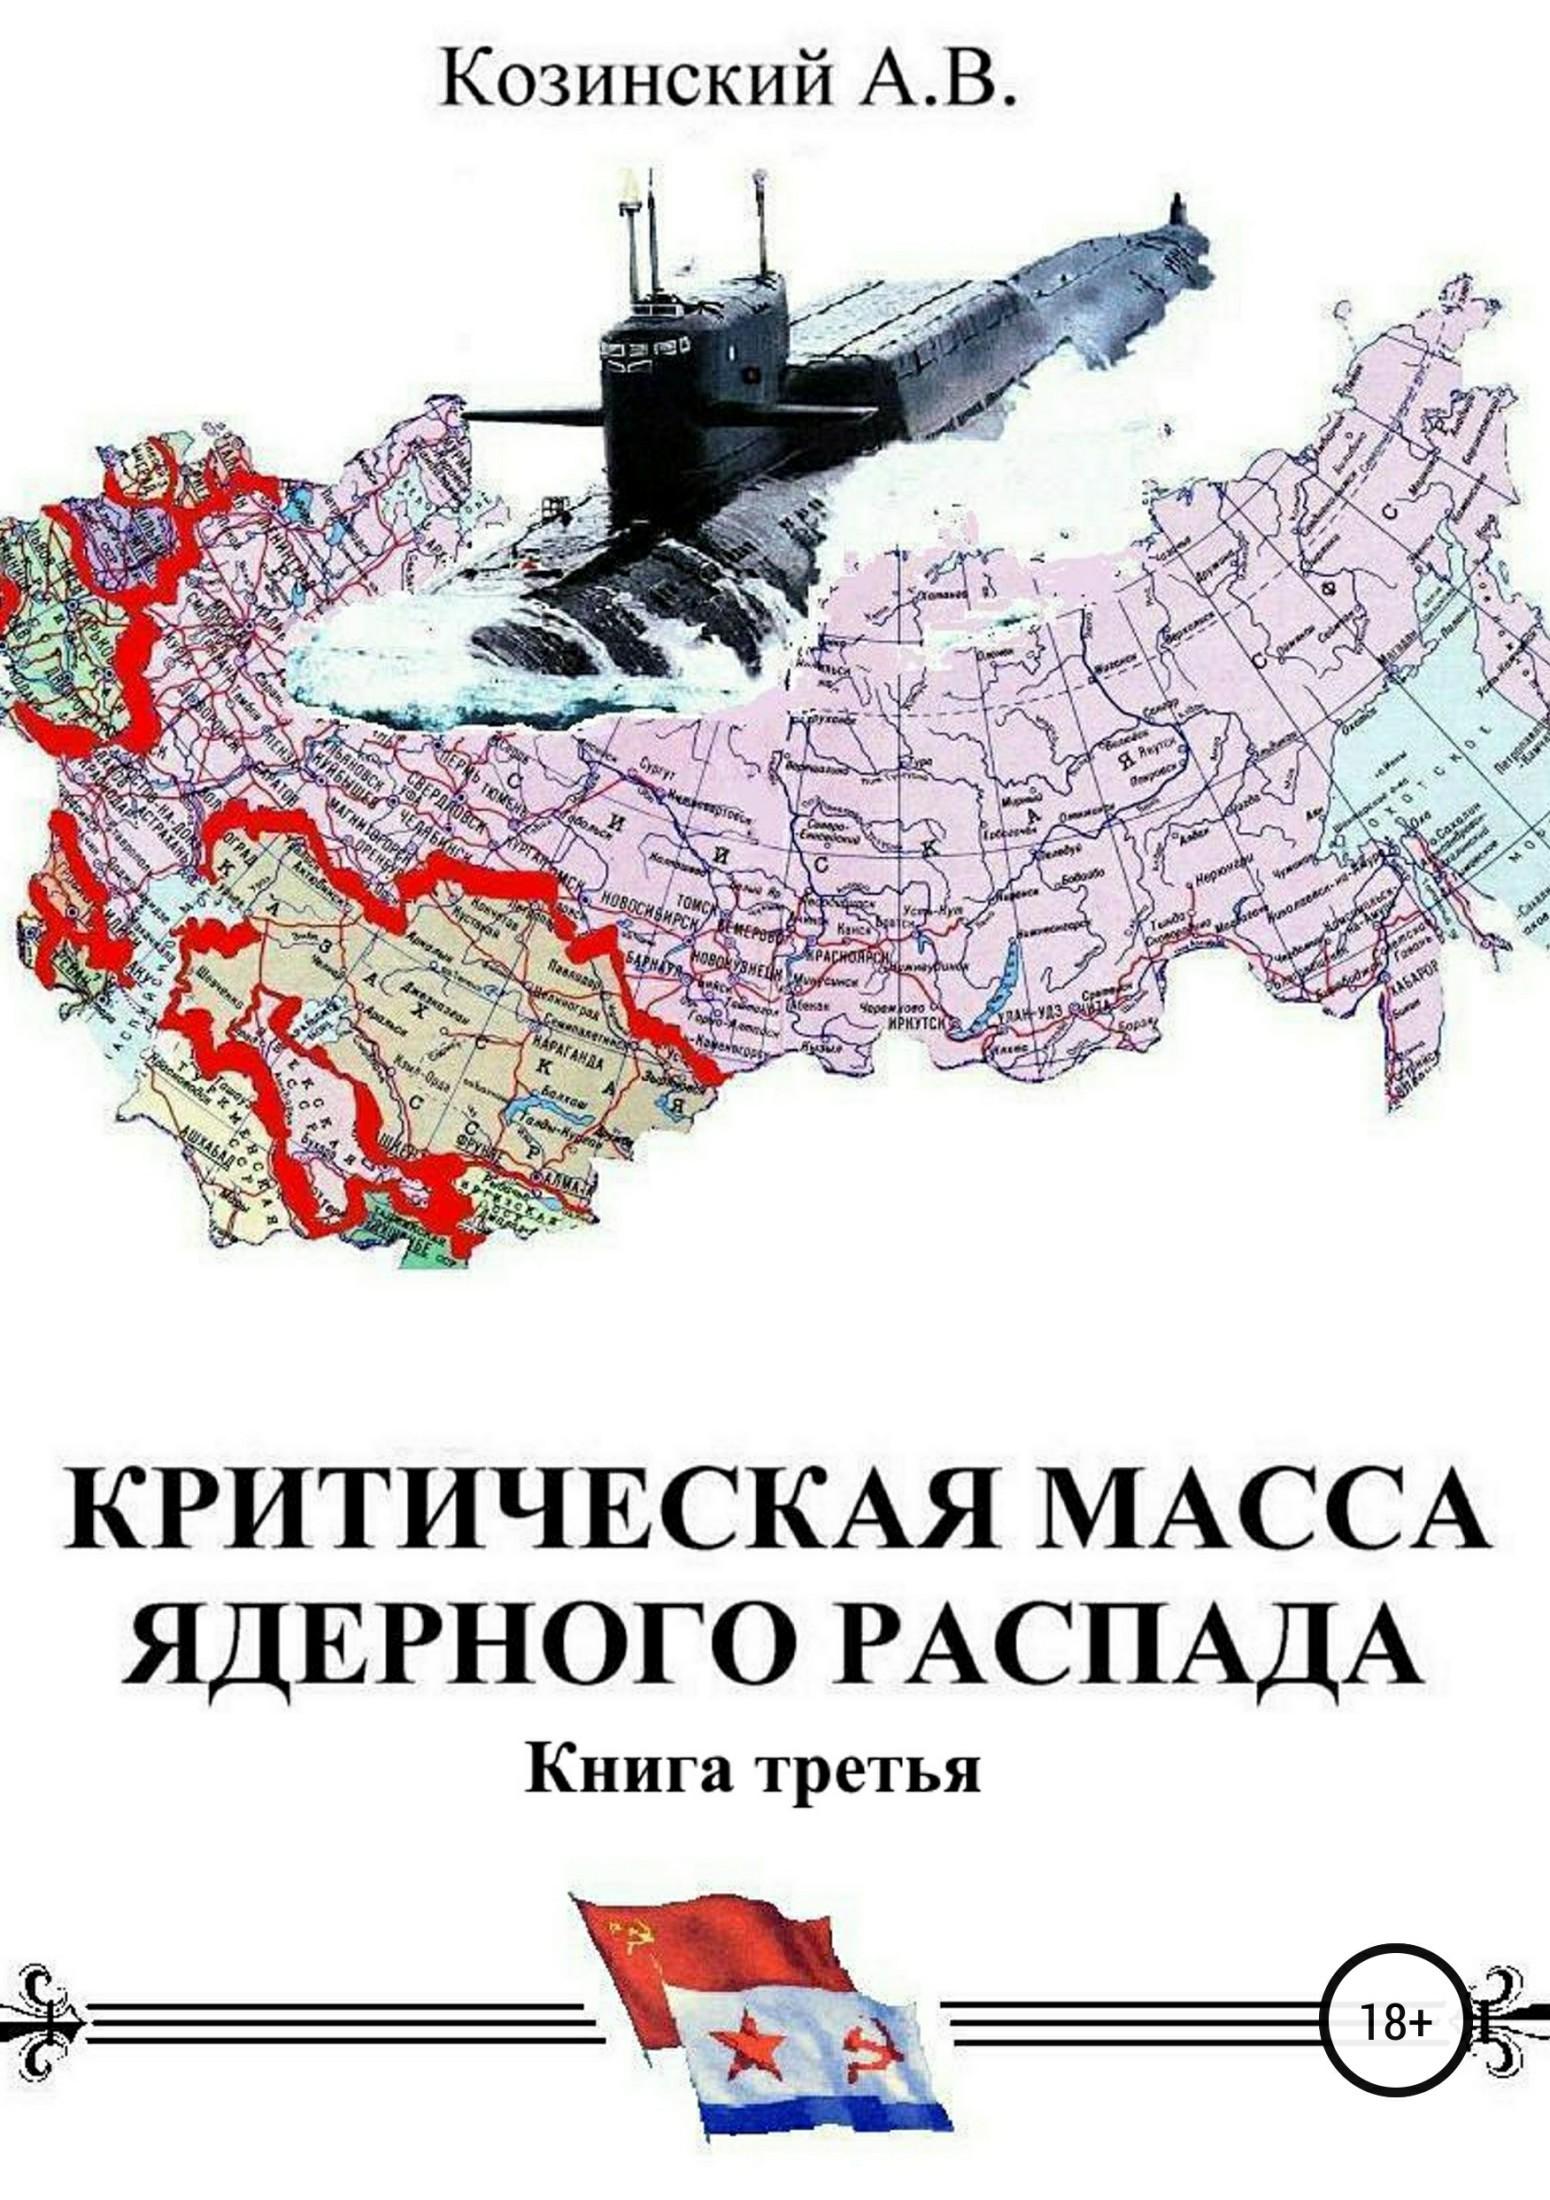 Анатолий Козинский - Критическая масса ядерного распада. Книга третья. Командир подводного атомного ракетоносца